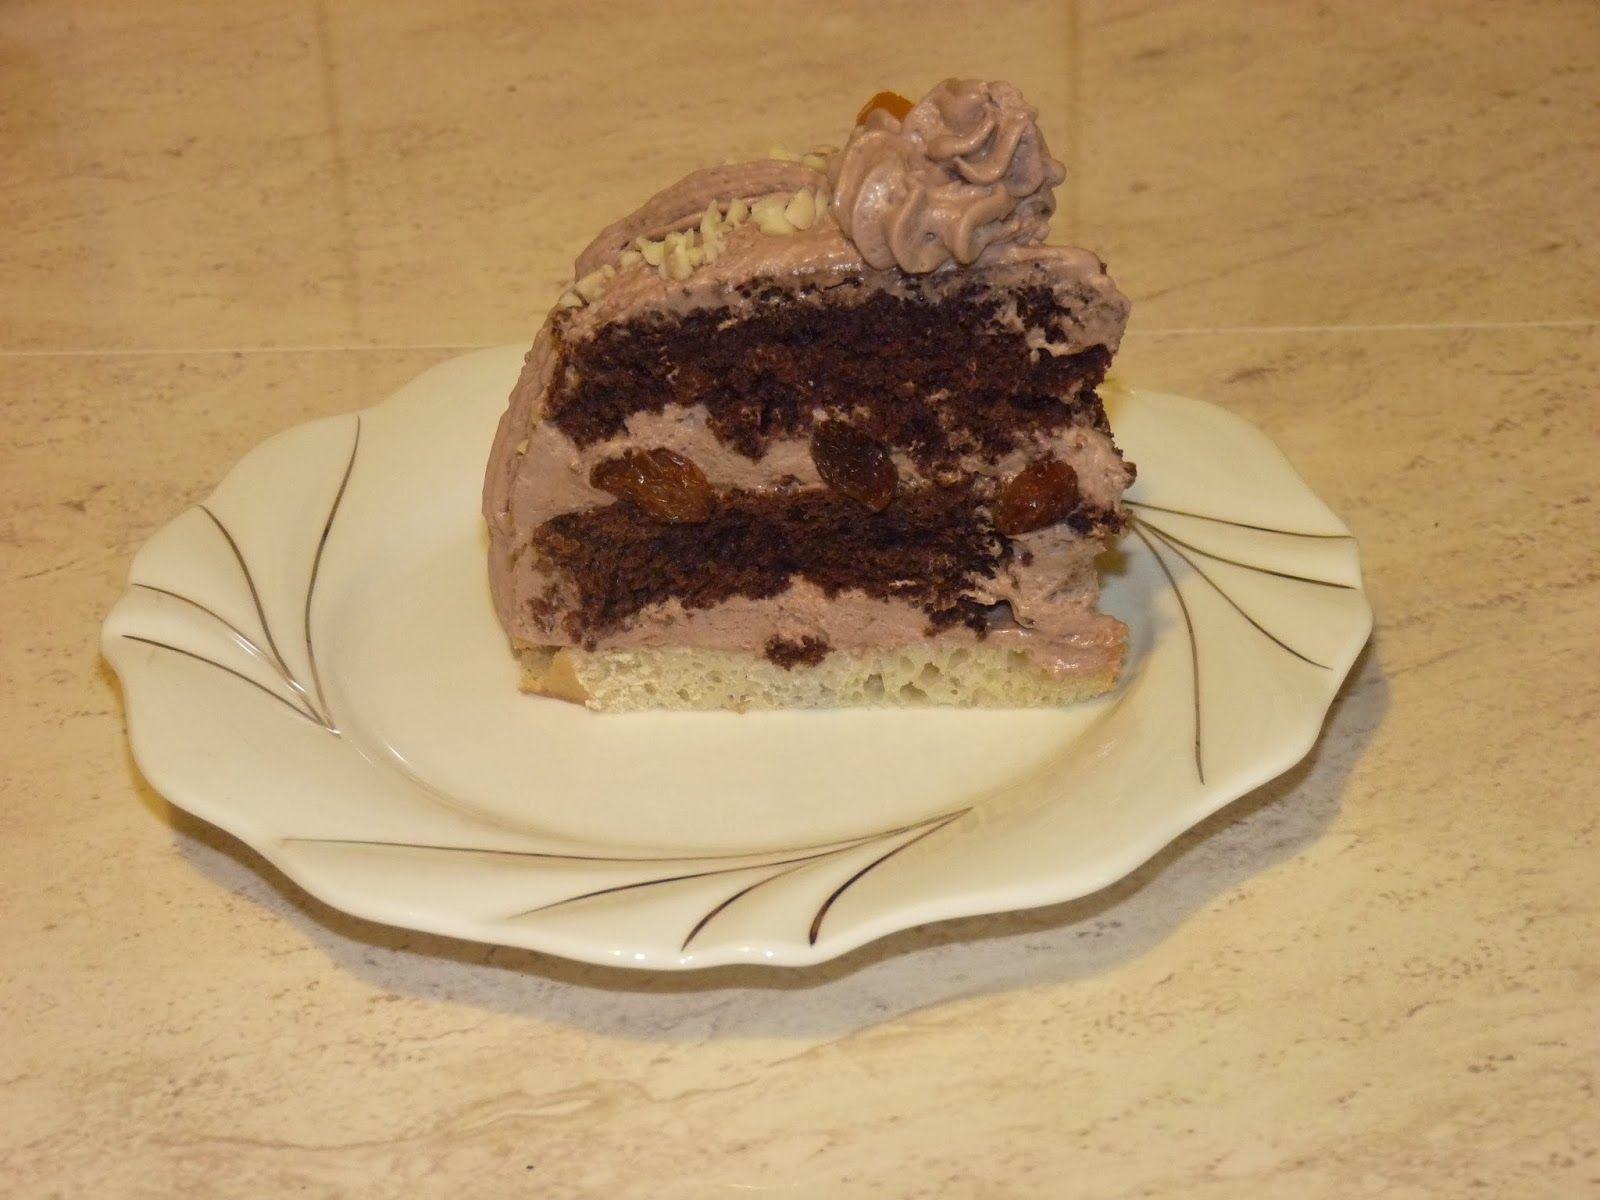 Nie ma jak u mamy... www.przepismamy.pl: Ciasto czekoladowe z masą rumową | Pomysły na dania ...